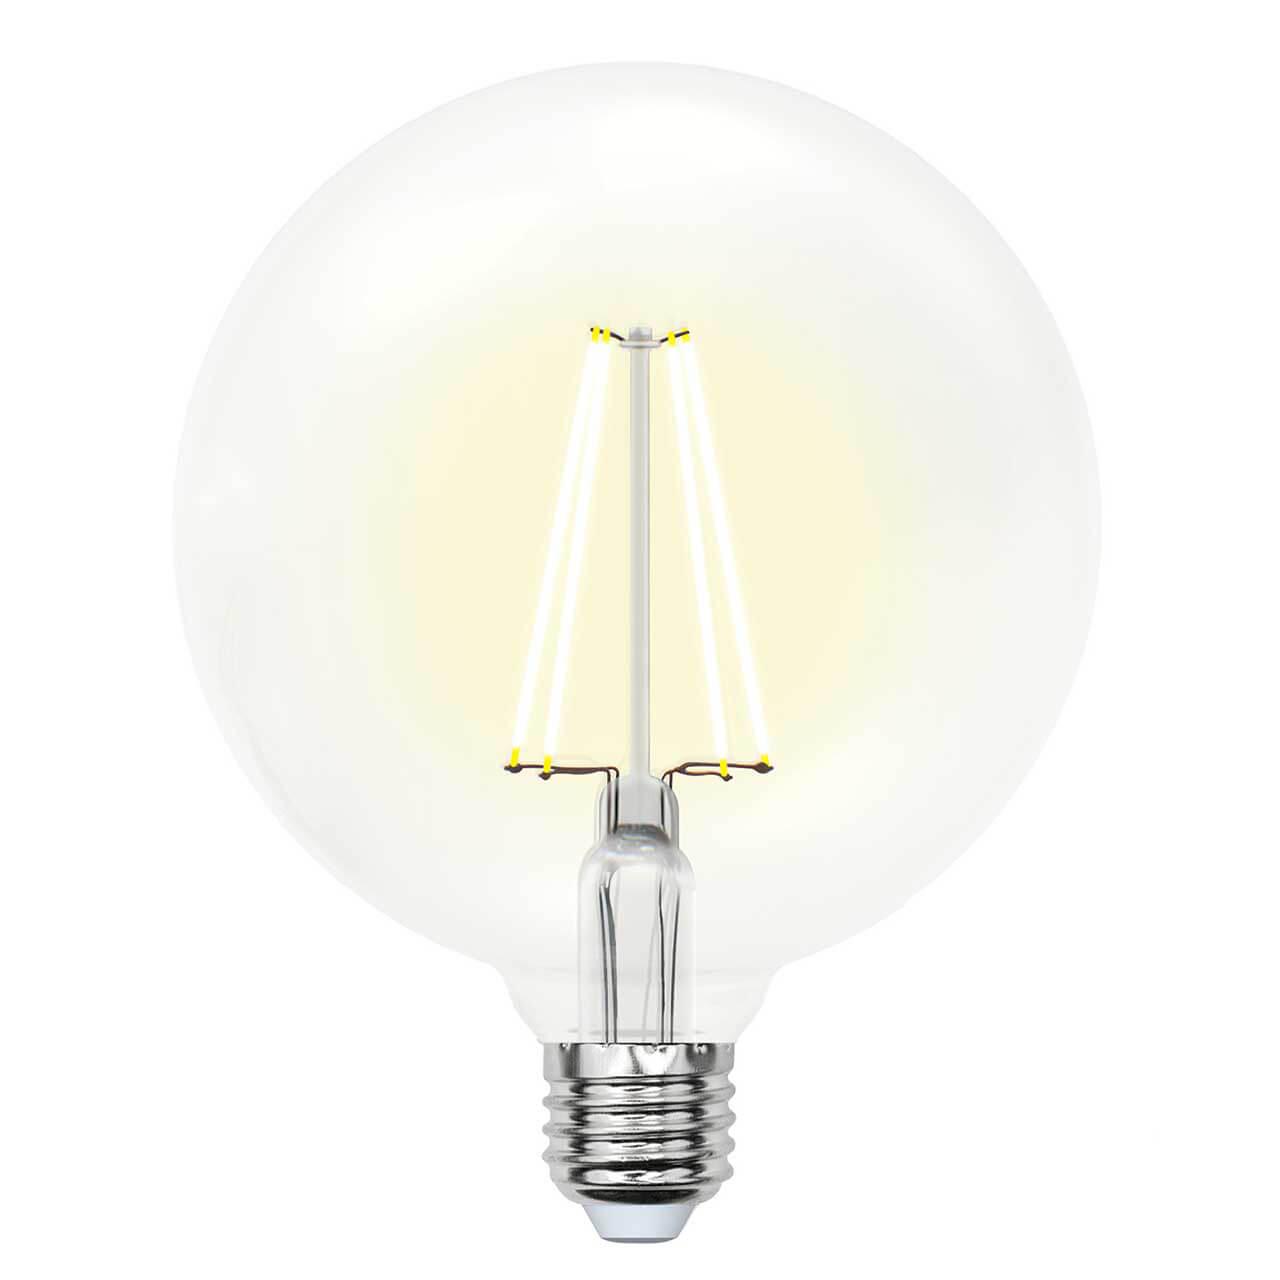 Фото - Лампочка Uniel LED-G125-15W/3000K/E27/CL PLS02WH SKY Globe лампочка uniel led g45 13w 3000k e27 cl pls02wh sky